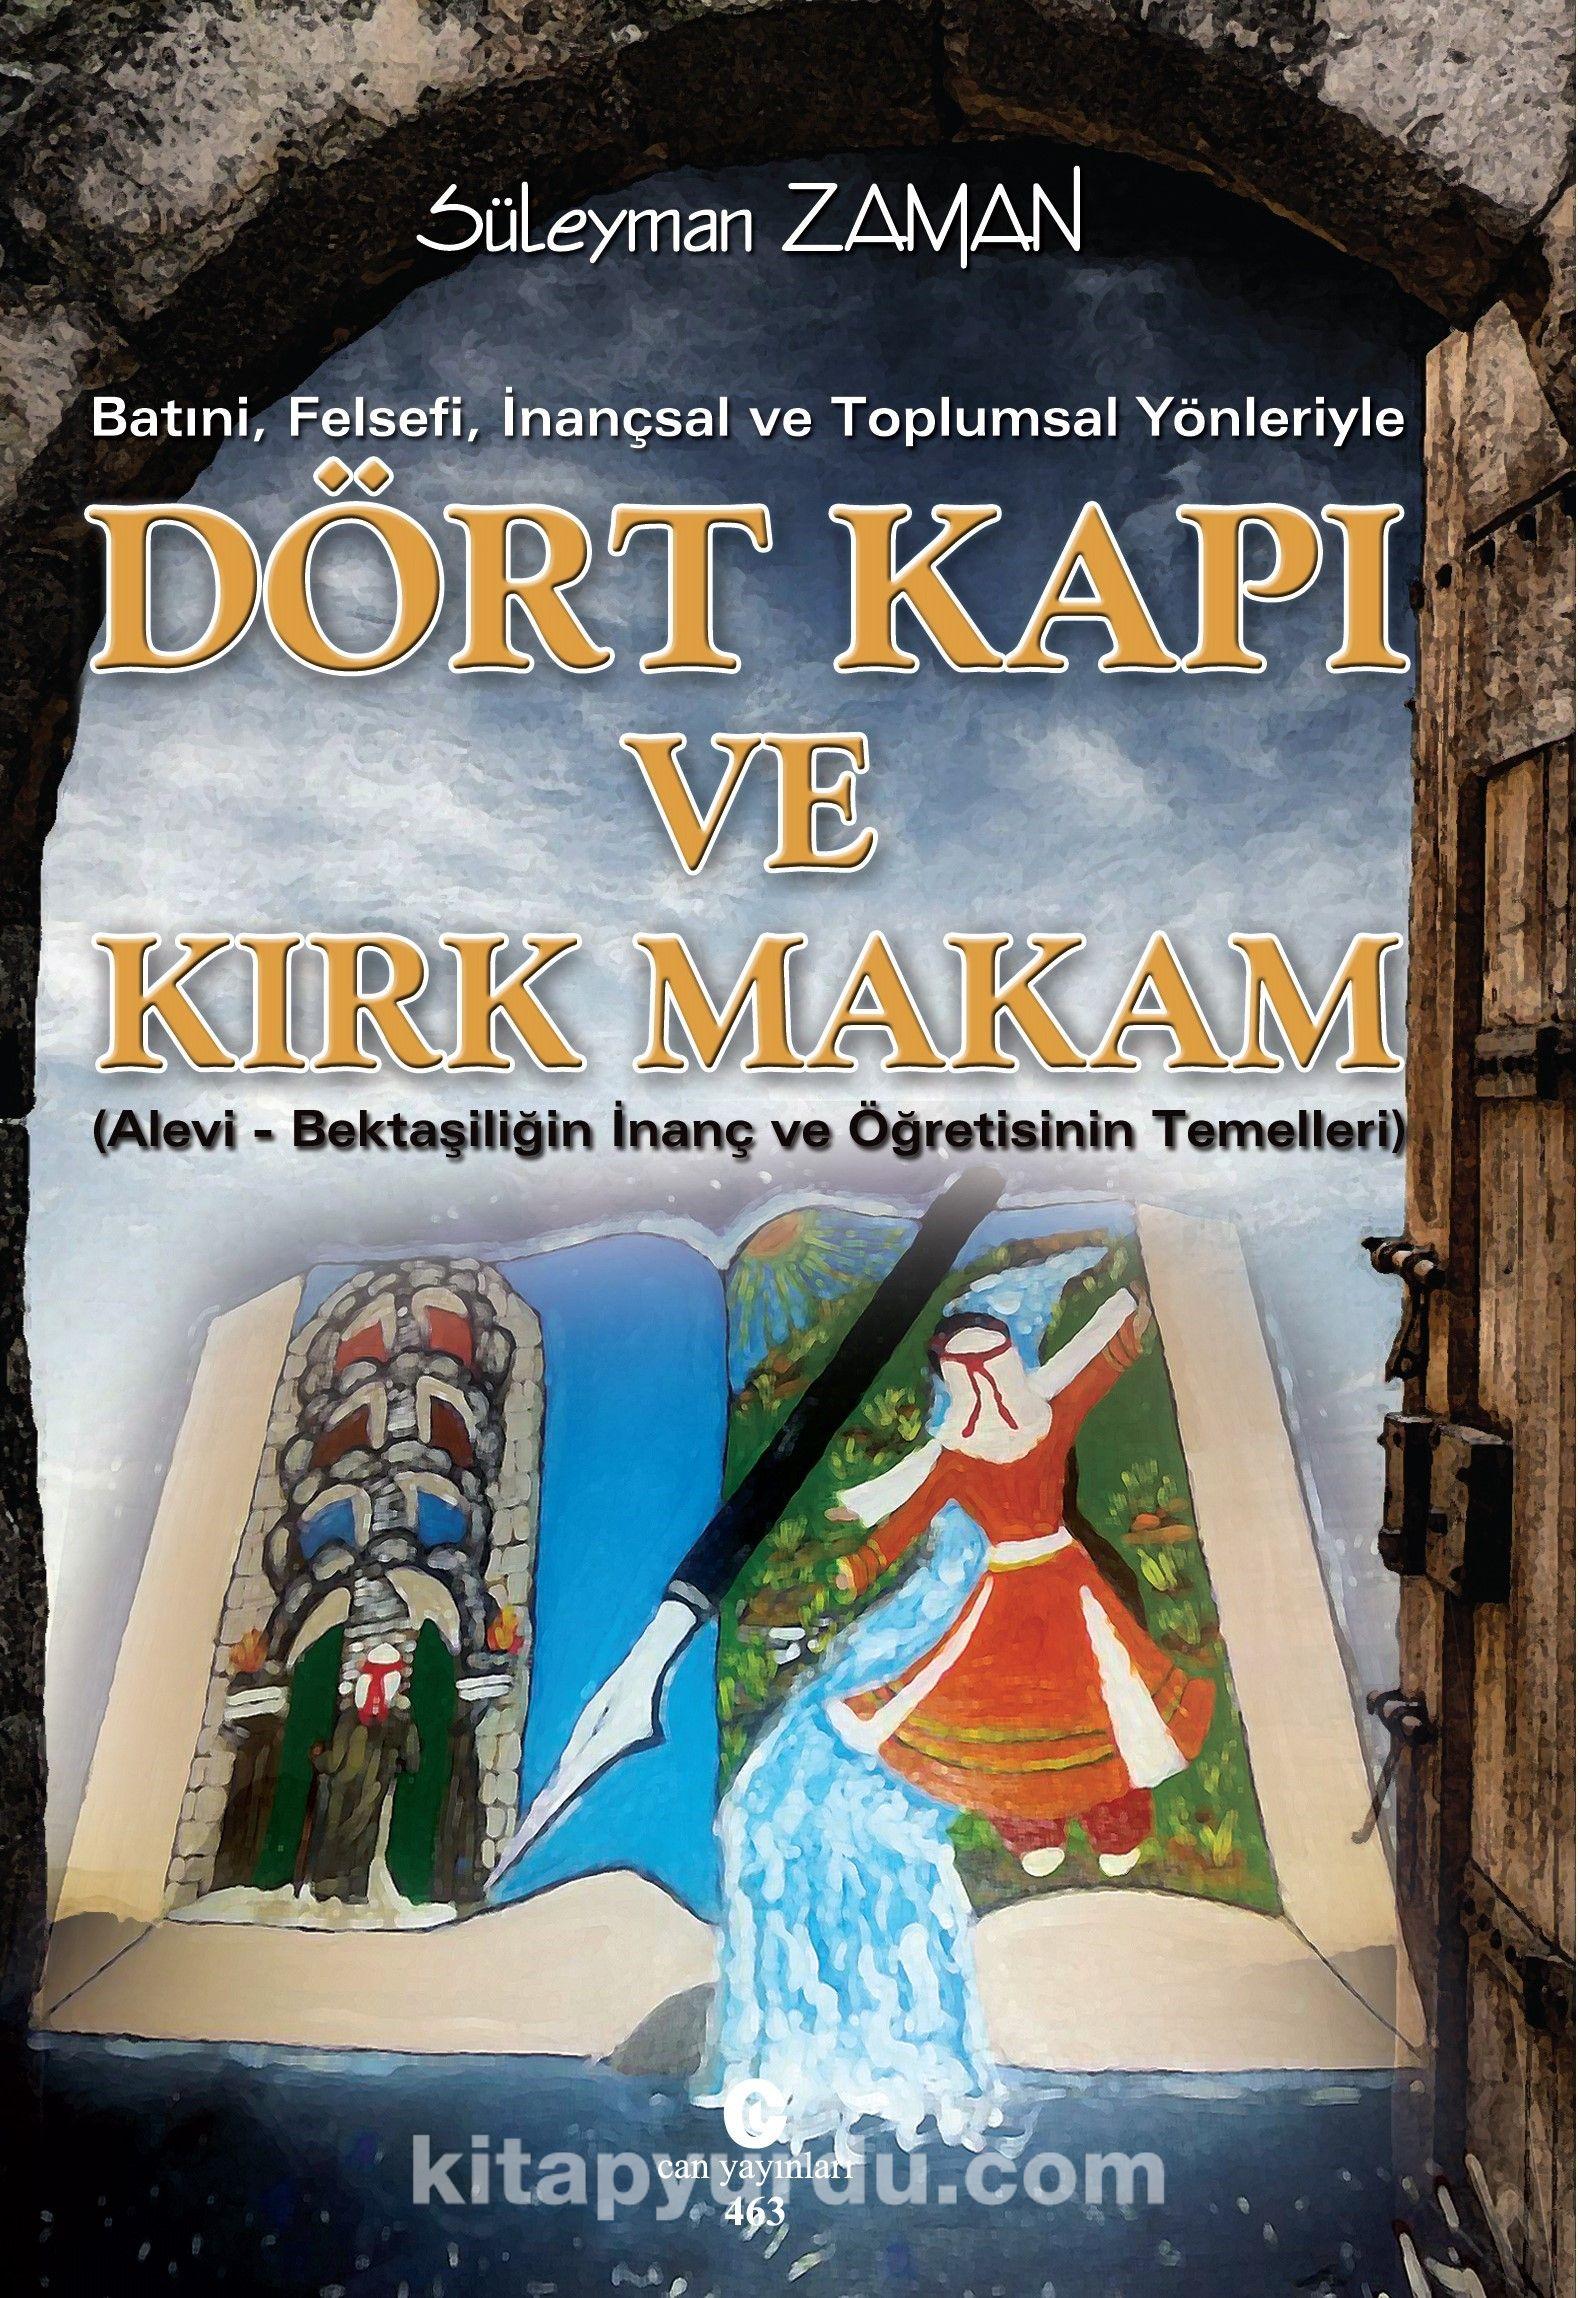 Batıni, Felsefi, İnançsal ve Toplumsal Yönleriyle Dört Kapı ve Kırk Makam - Süleyman Zaman pdf epub